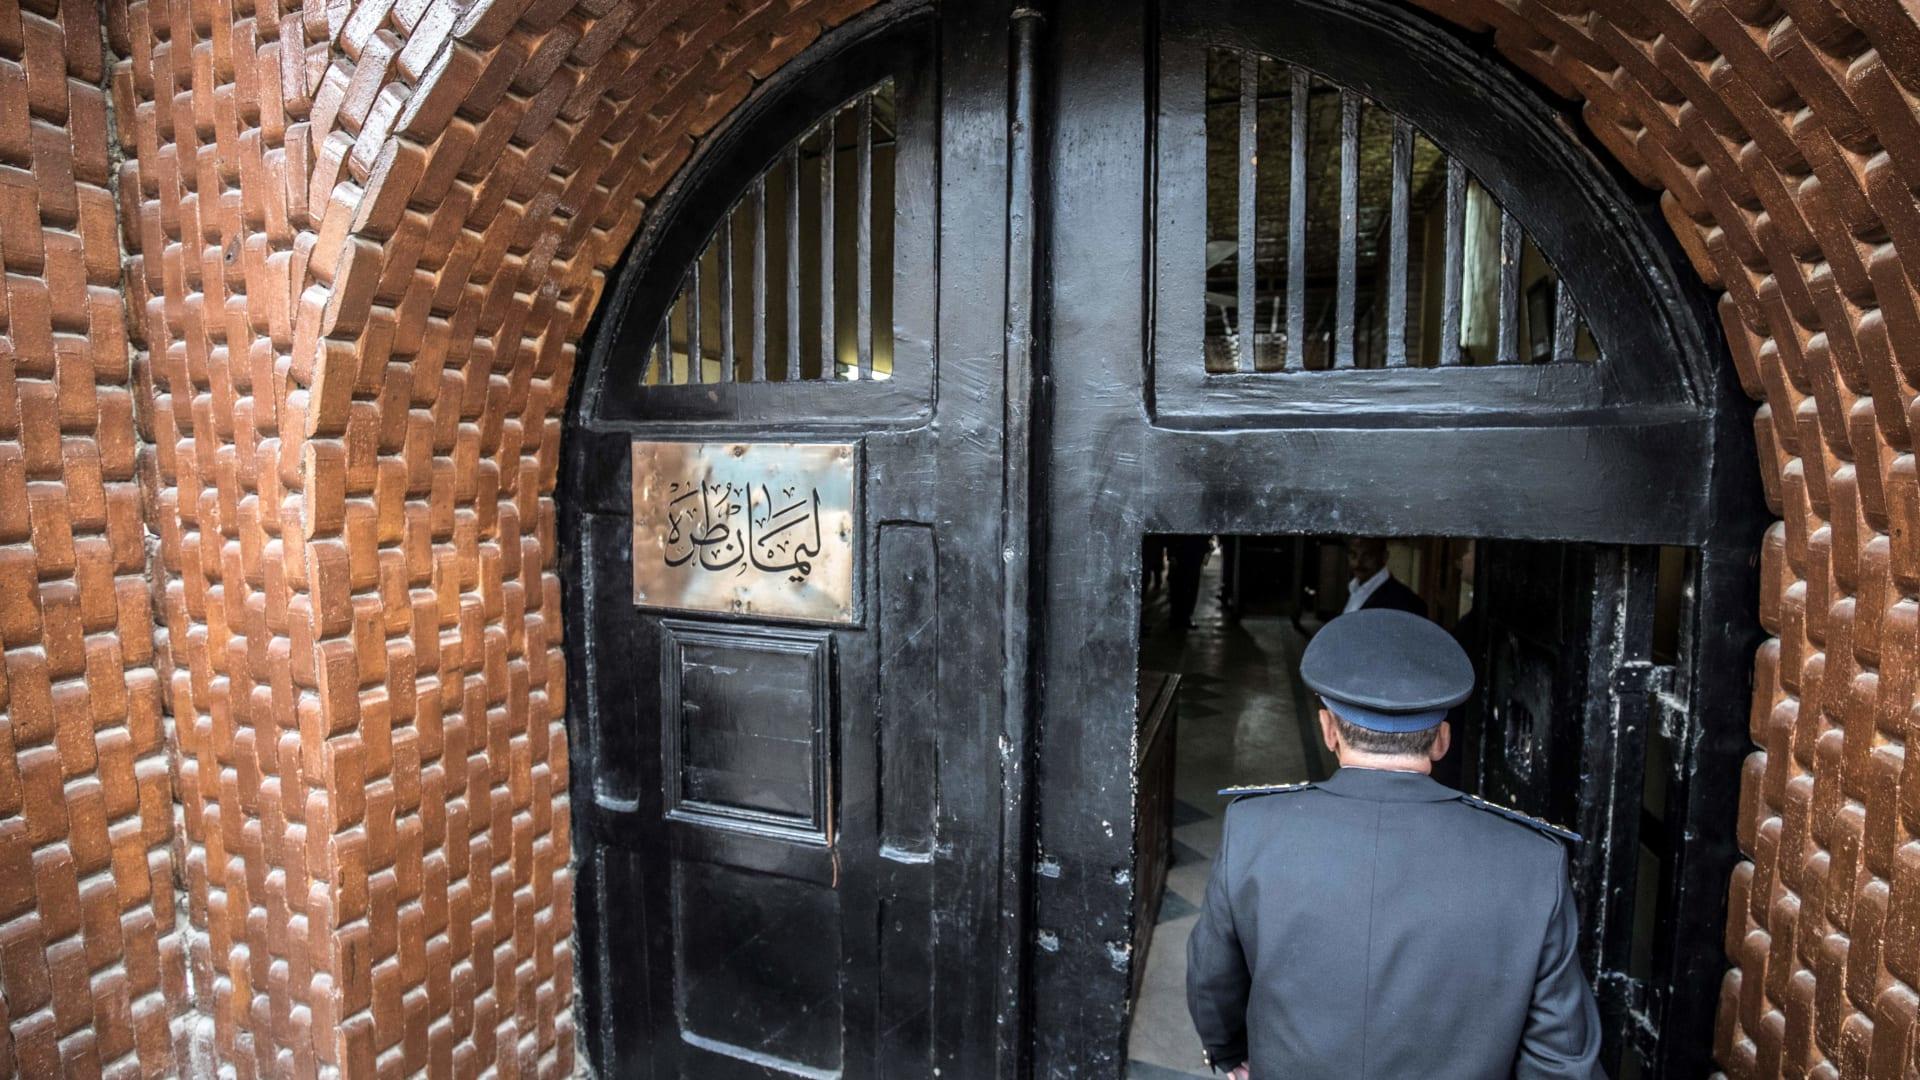 صورة أرشيفية لبوابة سجن طرة في مصر خلال جولة إعلامية في فبراير 2020